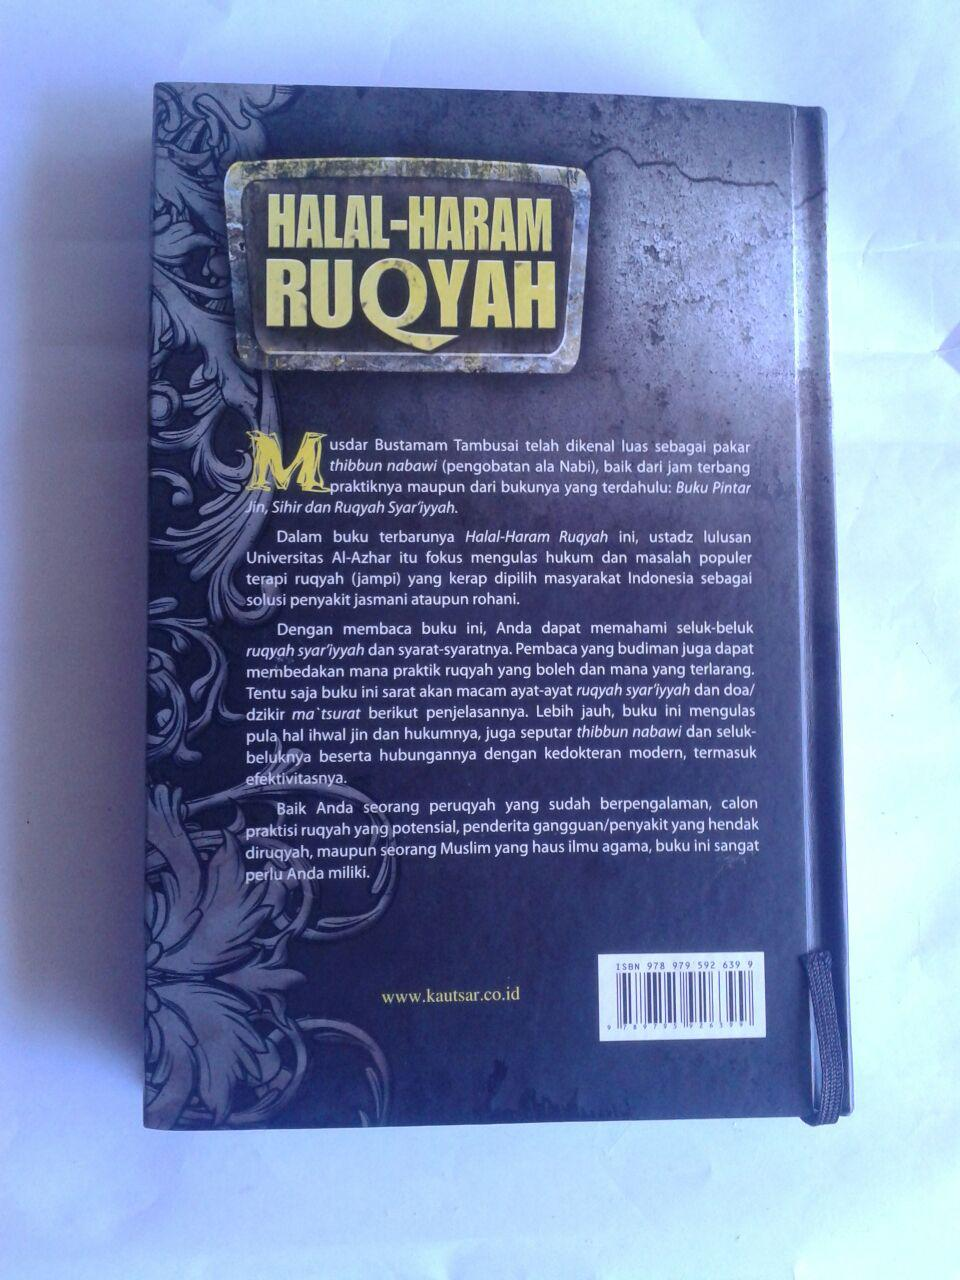 Buku Halal Haram Ruqyah Tuntunan Syariah Mengatasi Sihir cover